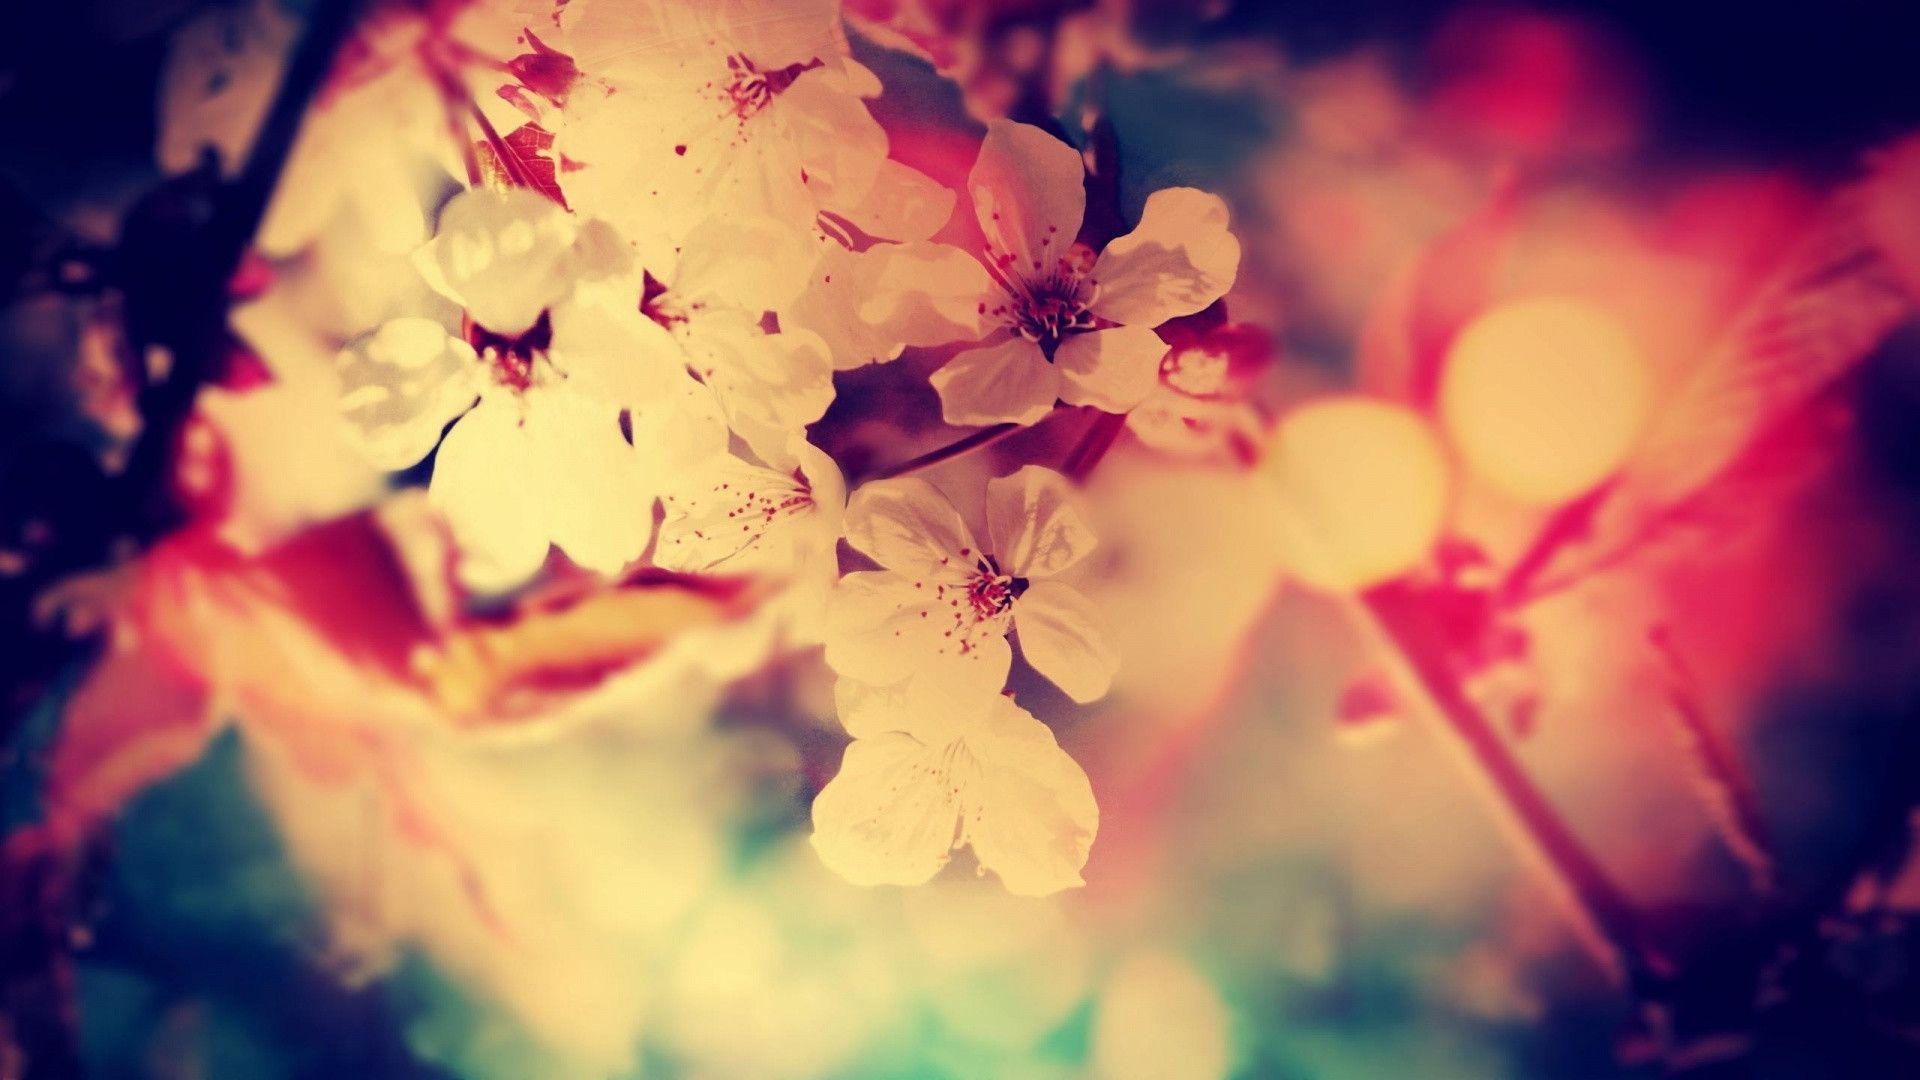 Vintage Pink Roses Tumblr Wallpaper Free Download 1920x1080